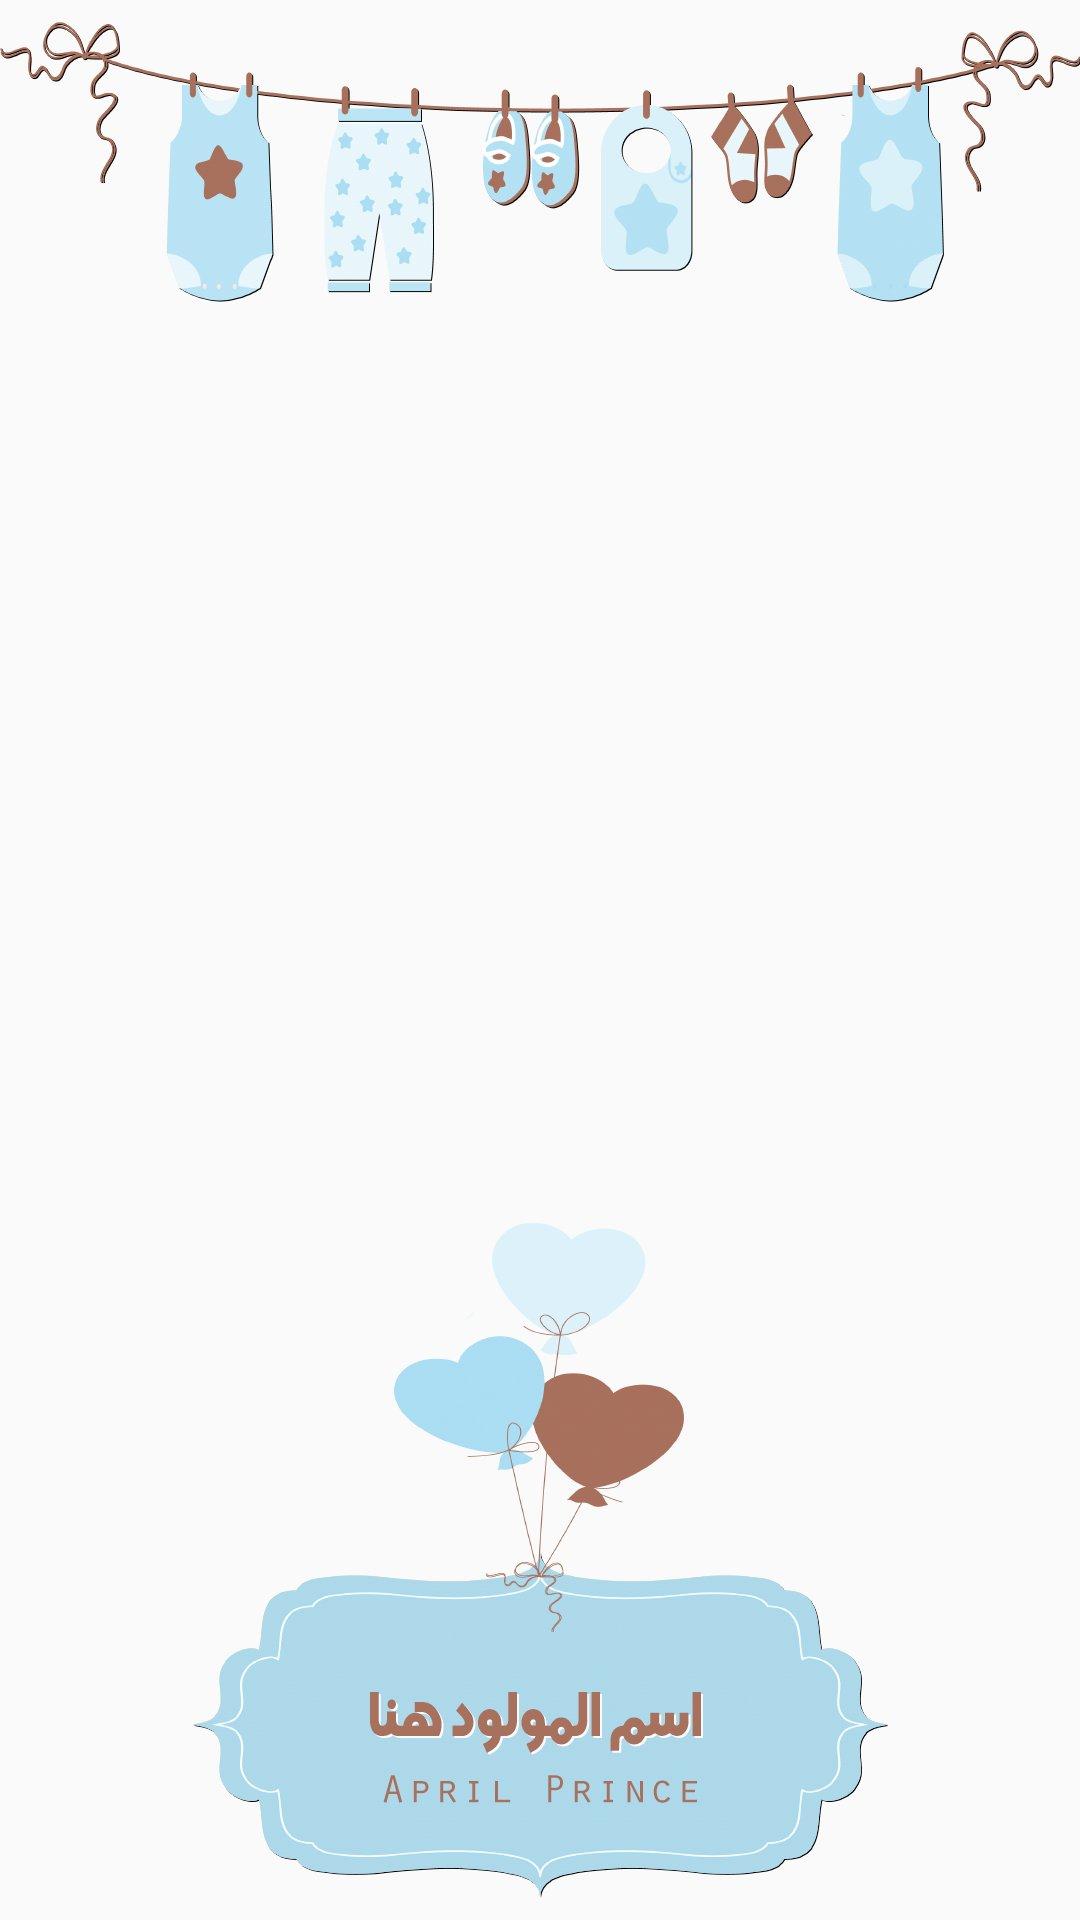 سلطان Sur Twitter تصميم فلتر مولود مفتوح المصدر تقدر تعدل عليه عن طريق الفوتشوب رابط التحميل Https T Co N742ggwet6